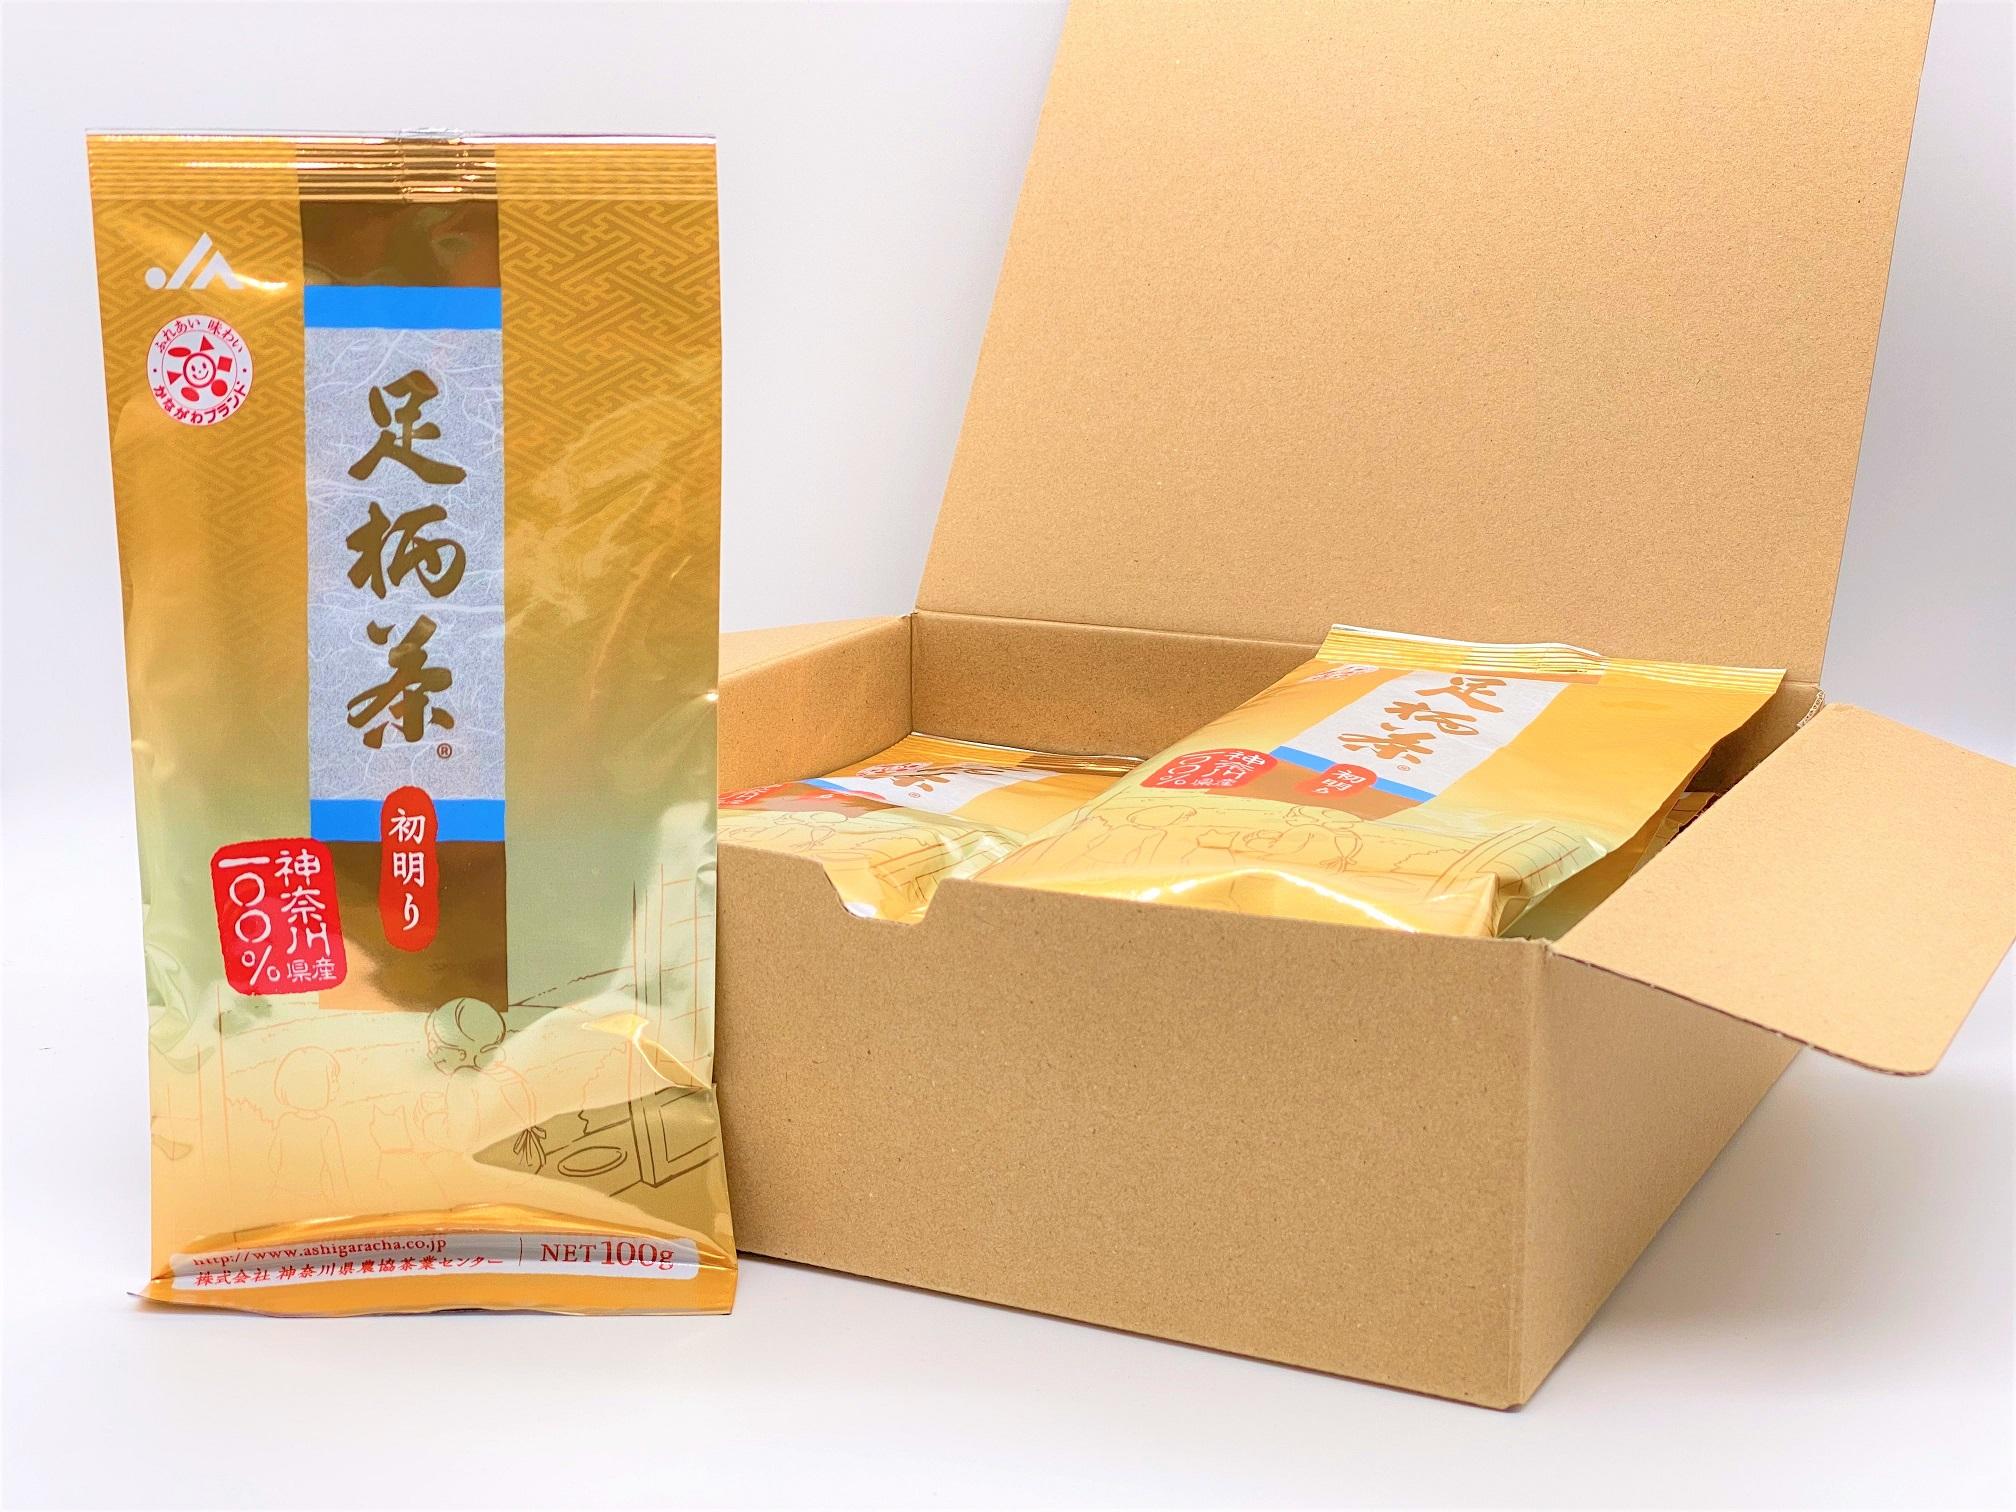 足柄茶【上級】初明り1kg(100g×10本)